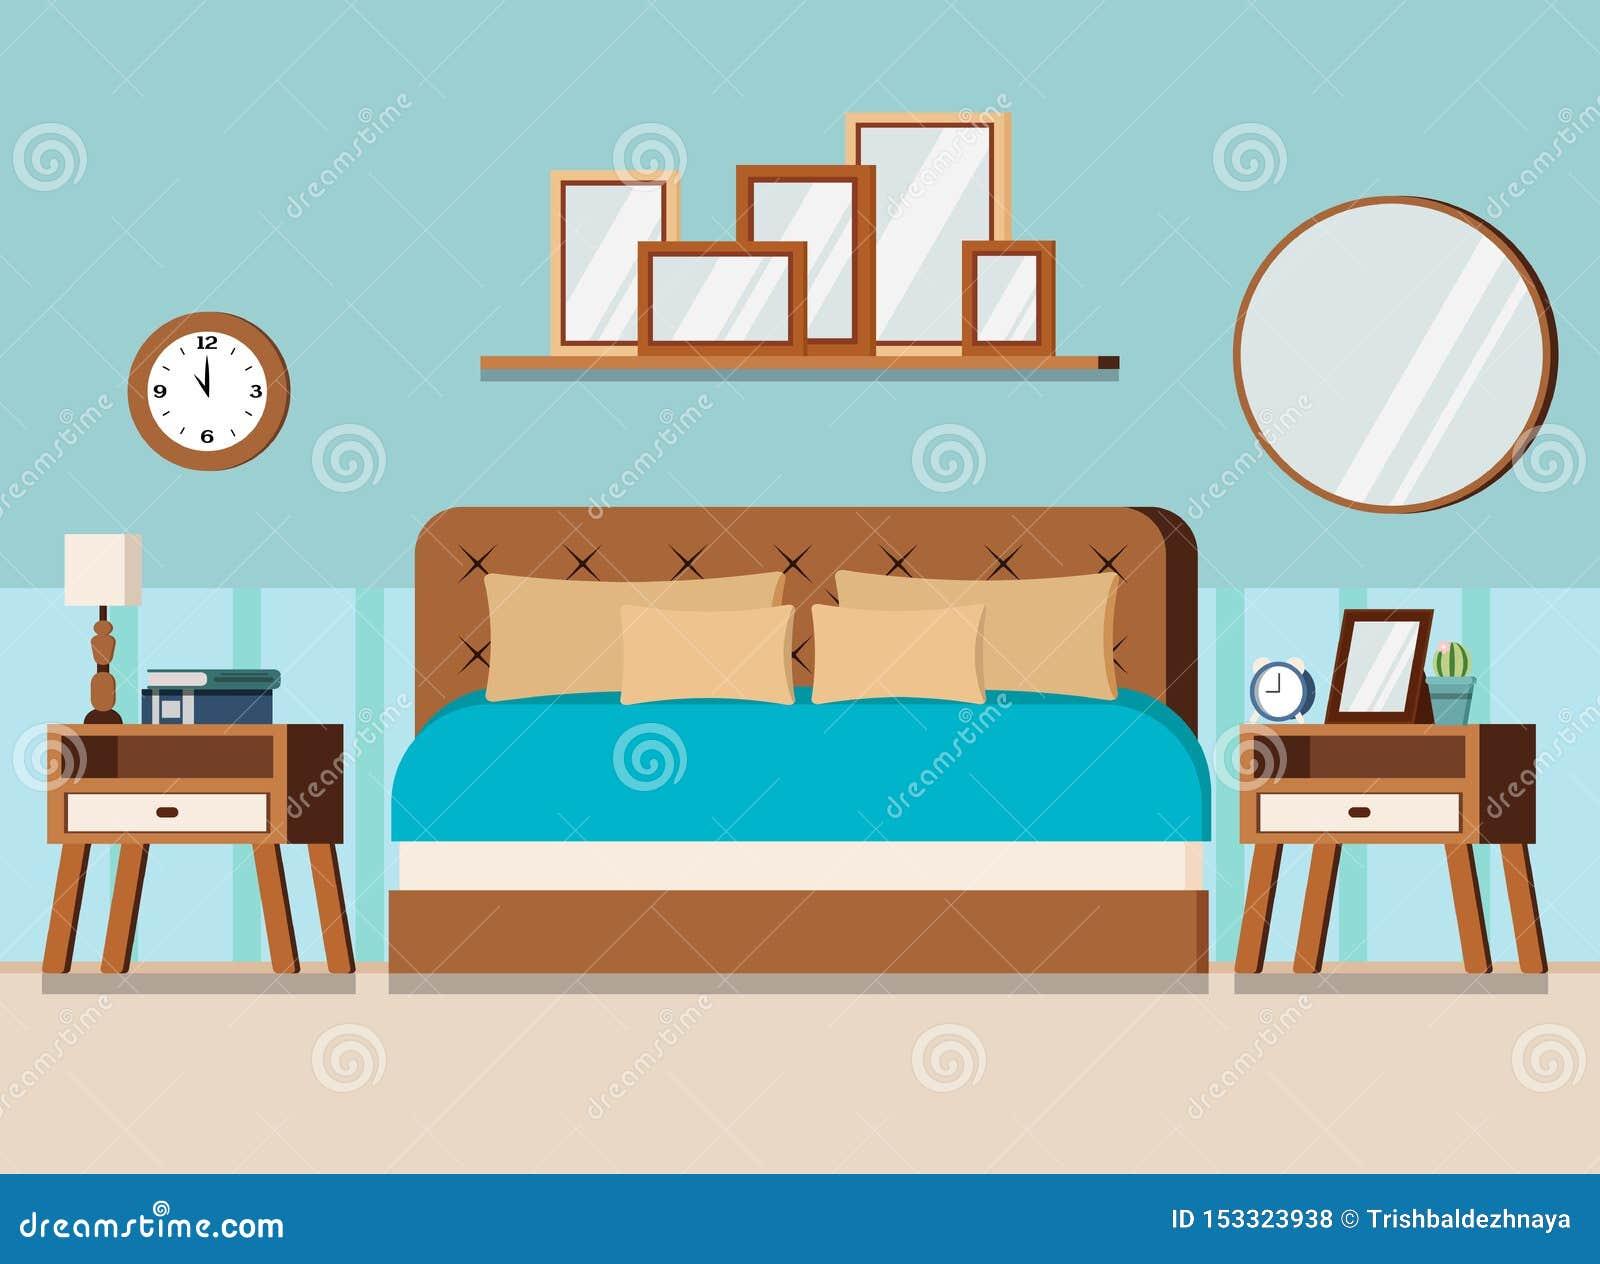 Cozy Bedroom Interior Scene With Furniture Bed Nightstands